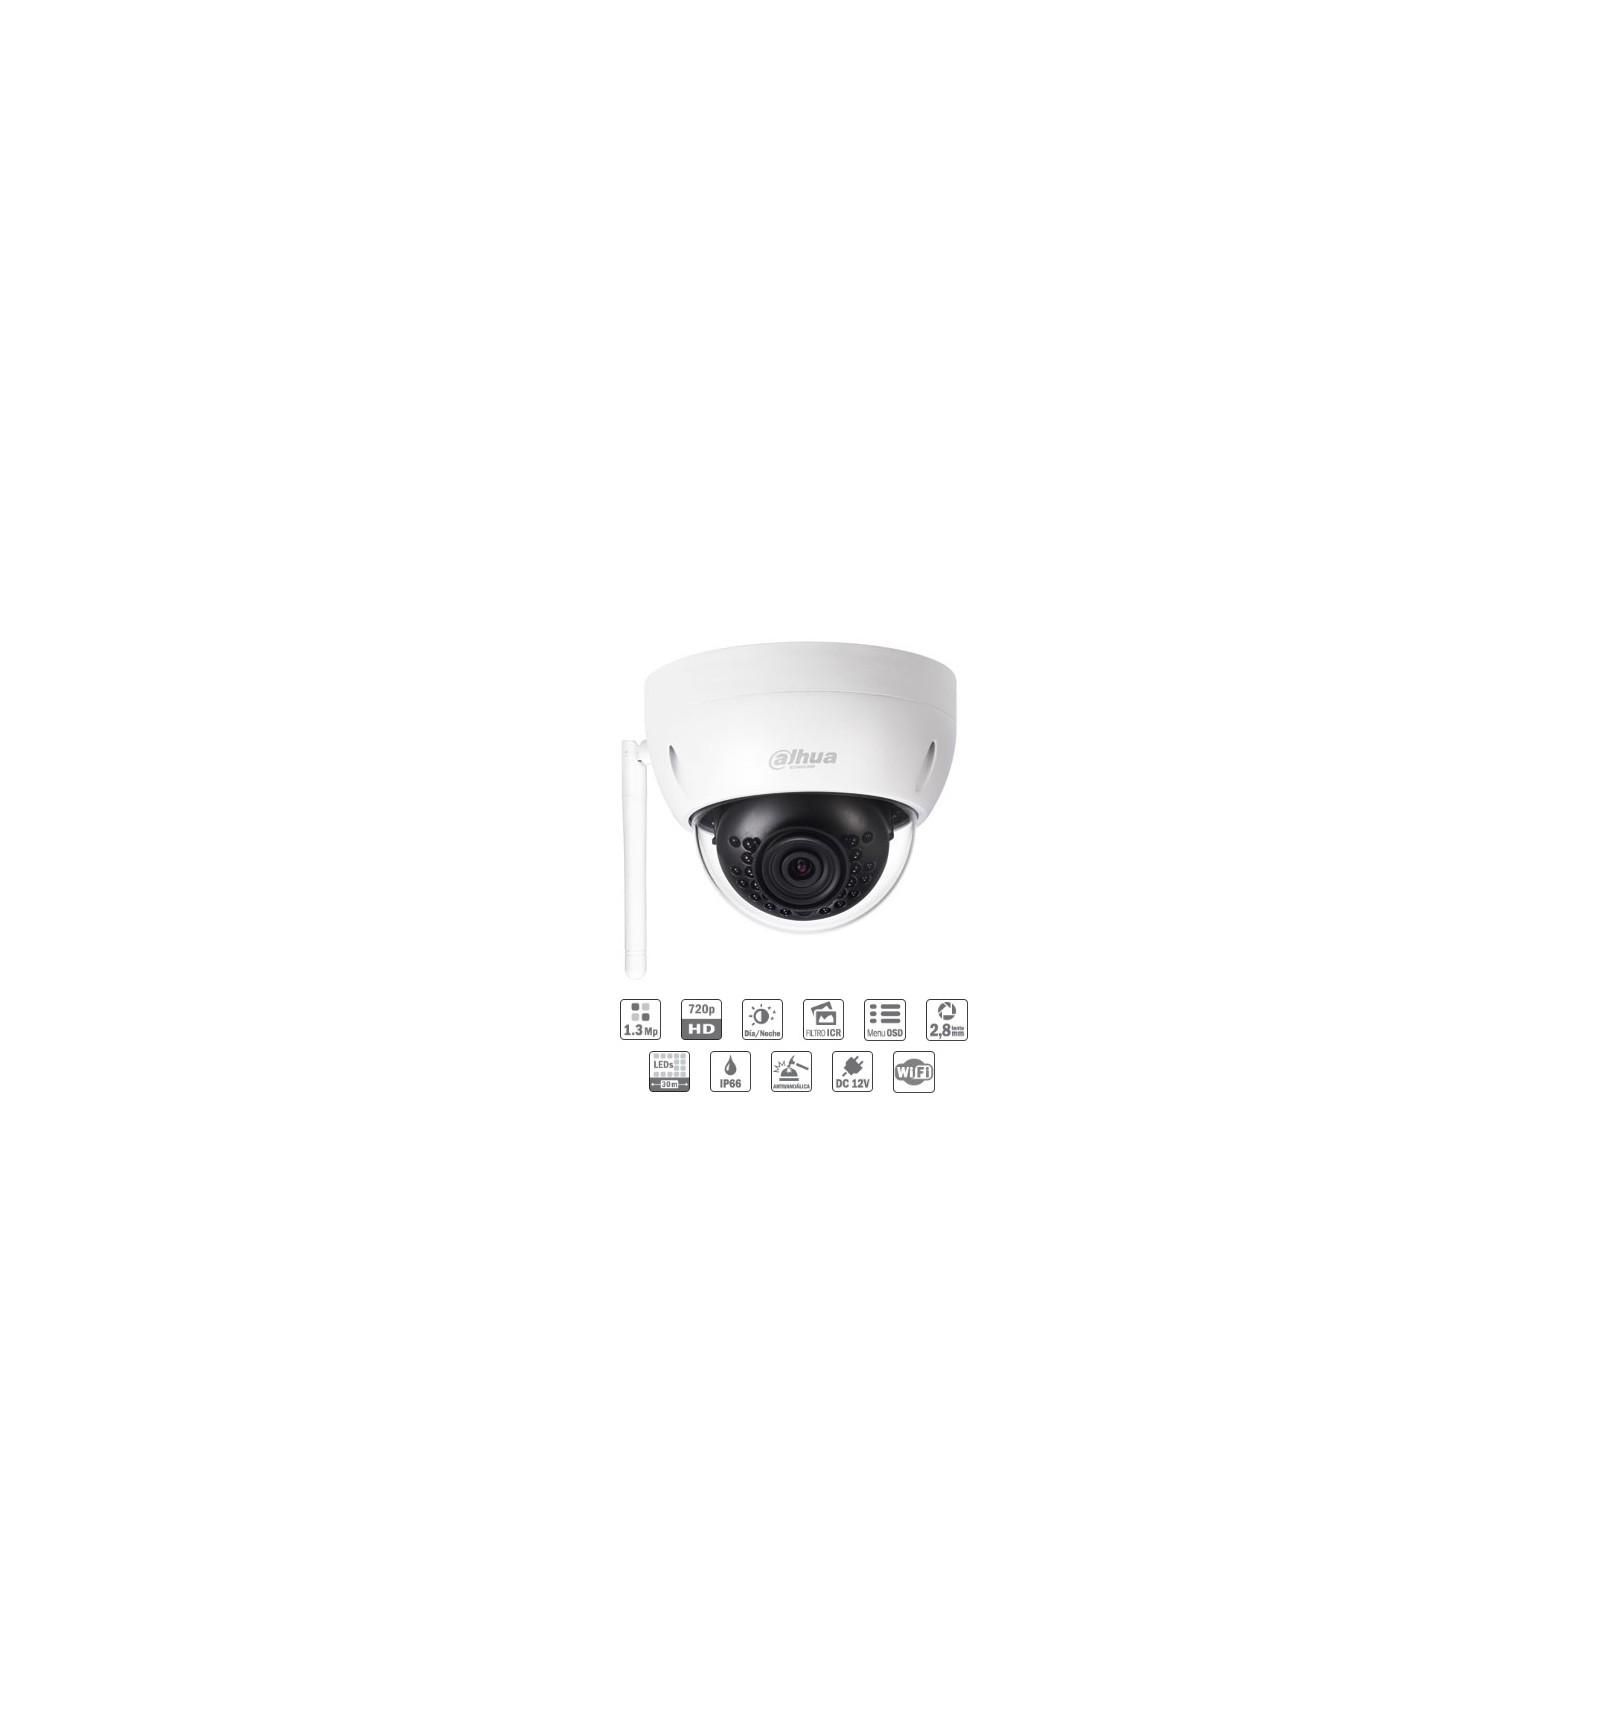 Camara de vigilancia domo ext ip con wifi y resolucionl 1 - Camaras de vigilancia ip wifi ...